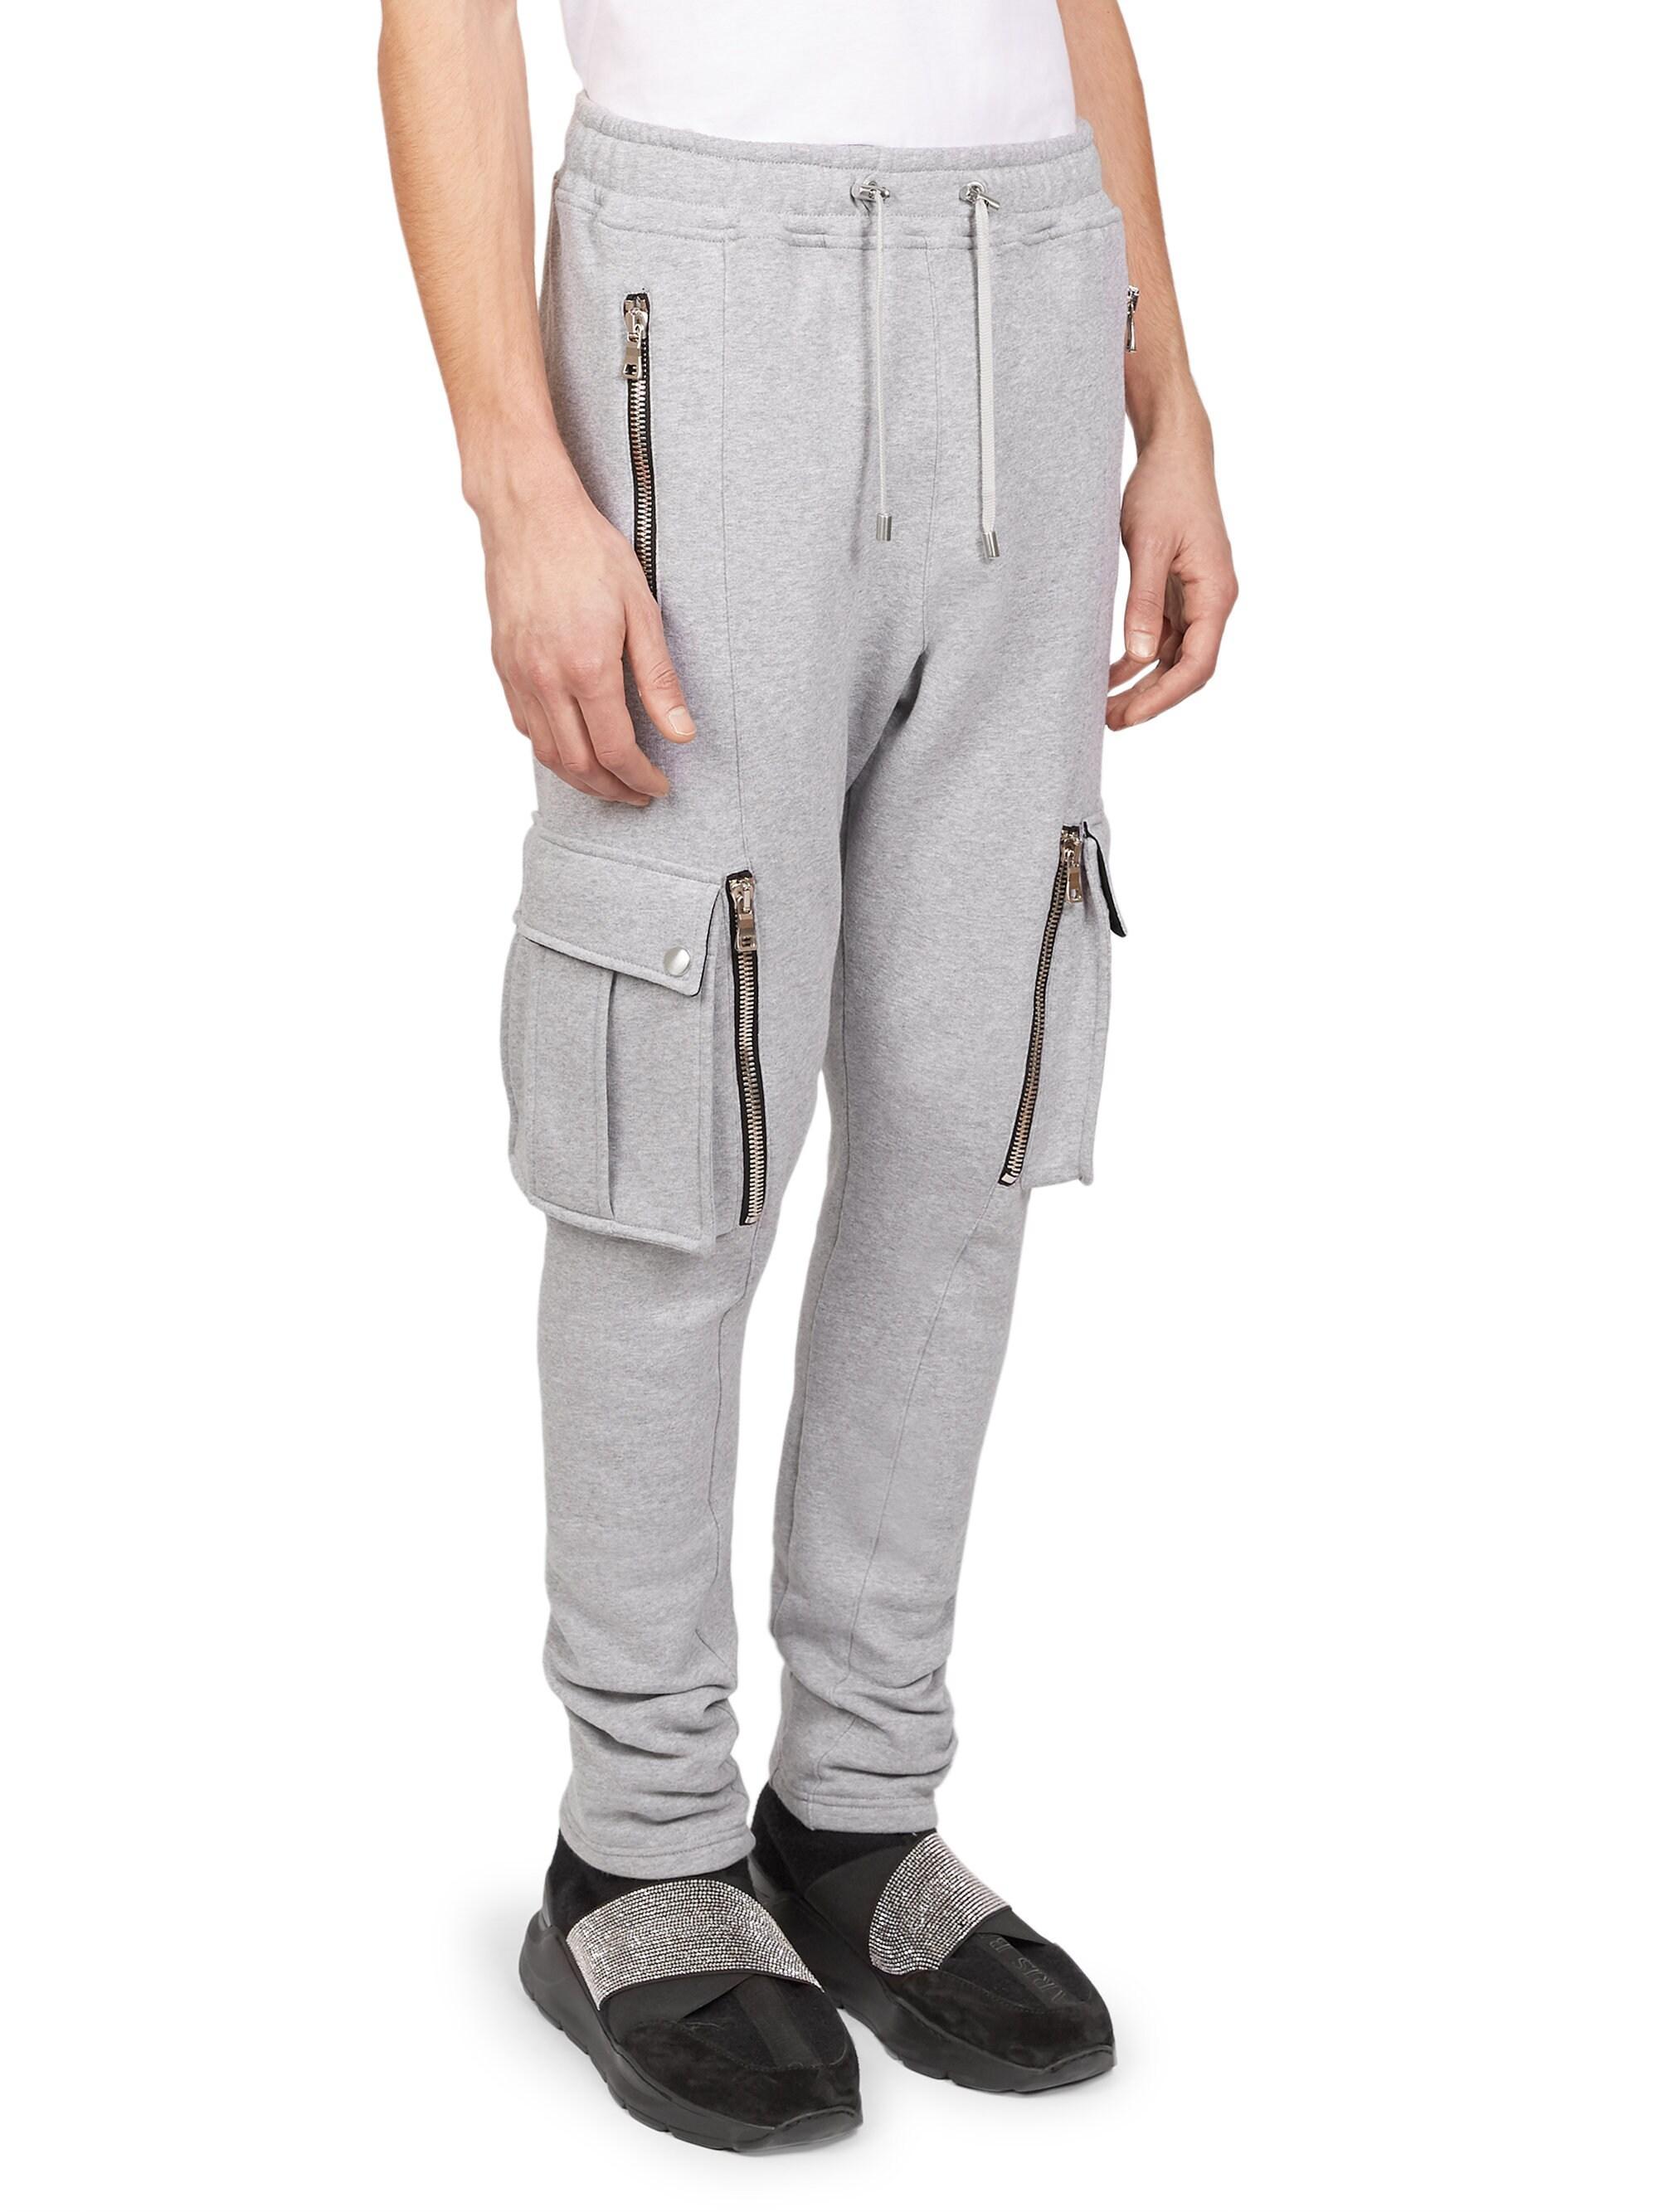 24d7e518bb7 Balmain Men's Cargo Zip Sweatpants - Grey in Gray for Men - Lyst